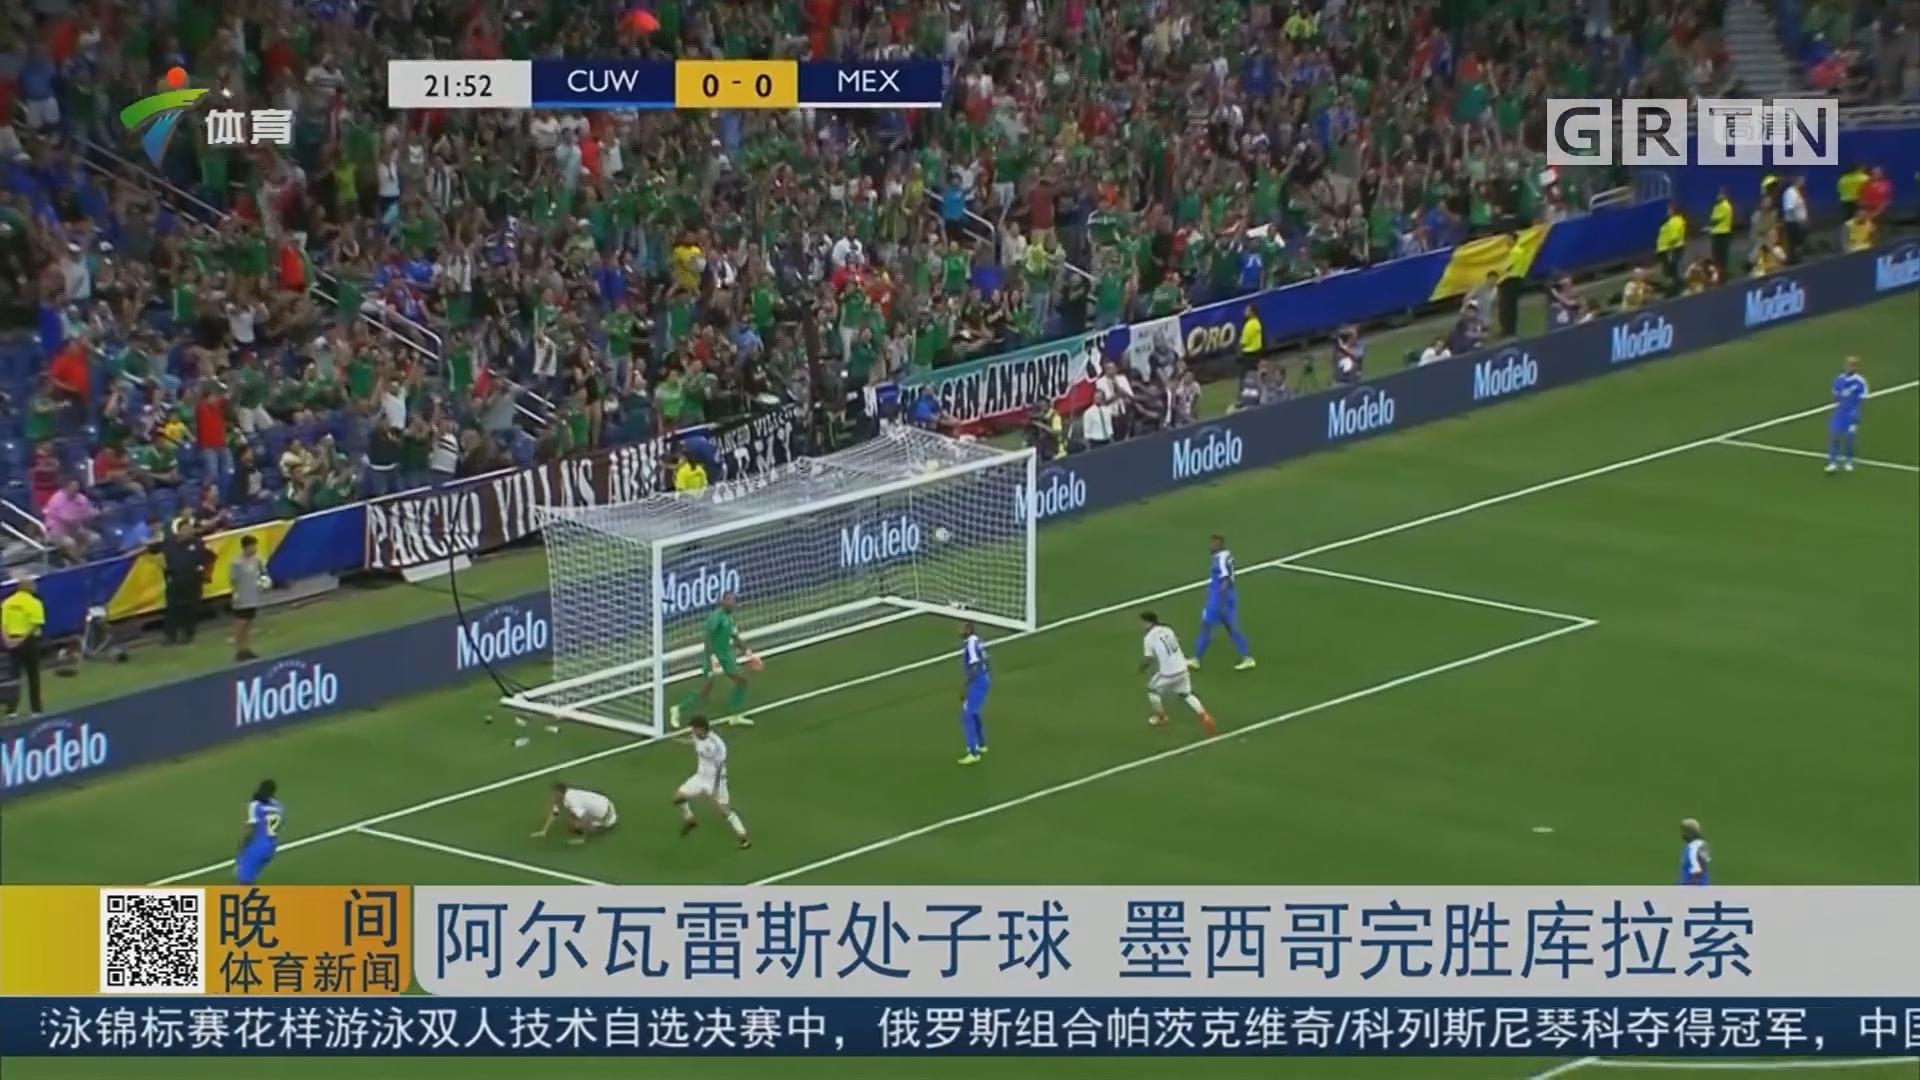 阿尔瓦雷斯处子球 墨西哥完胜库拉索